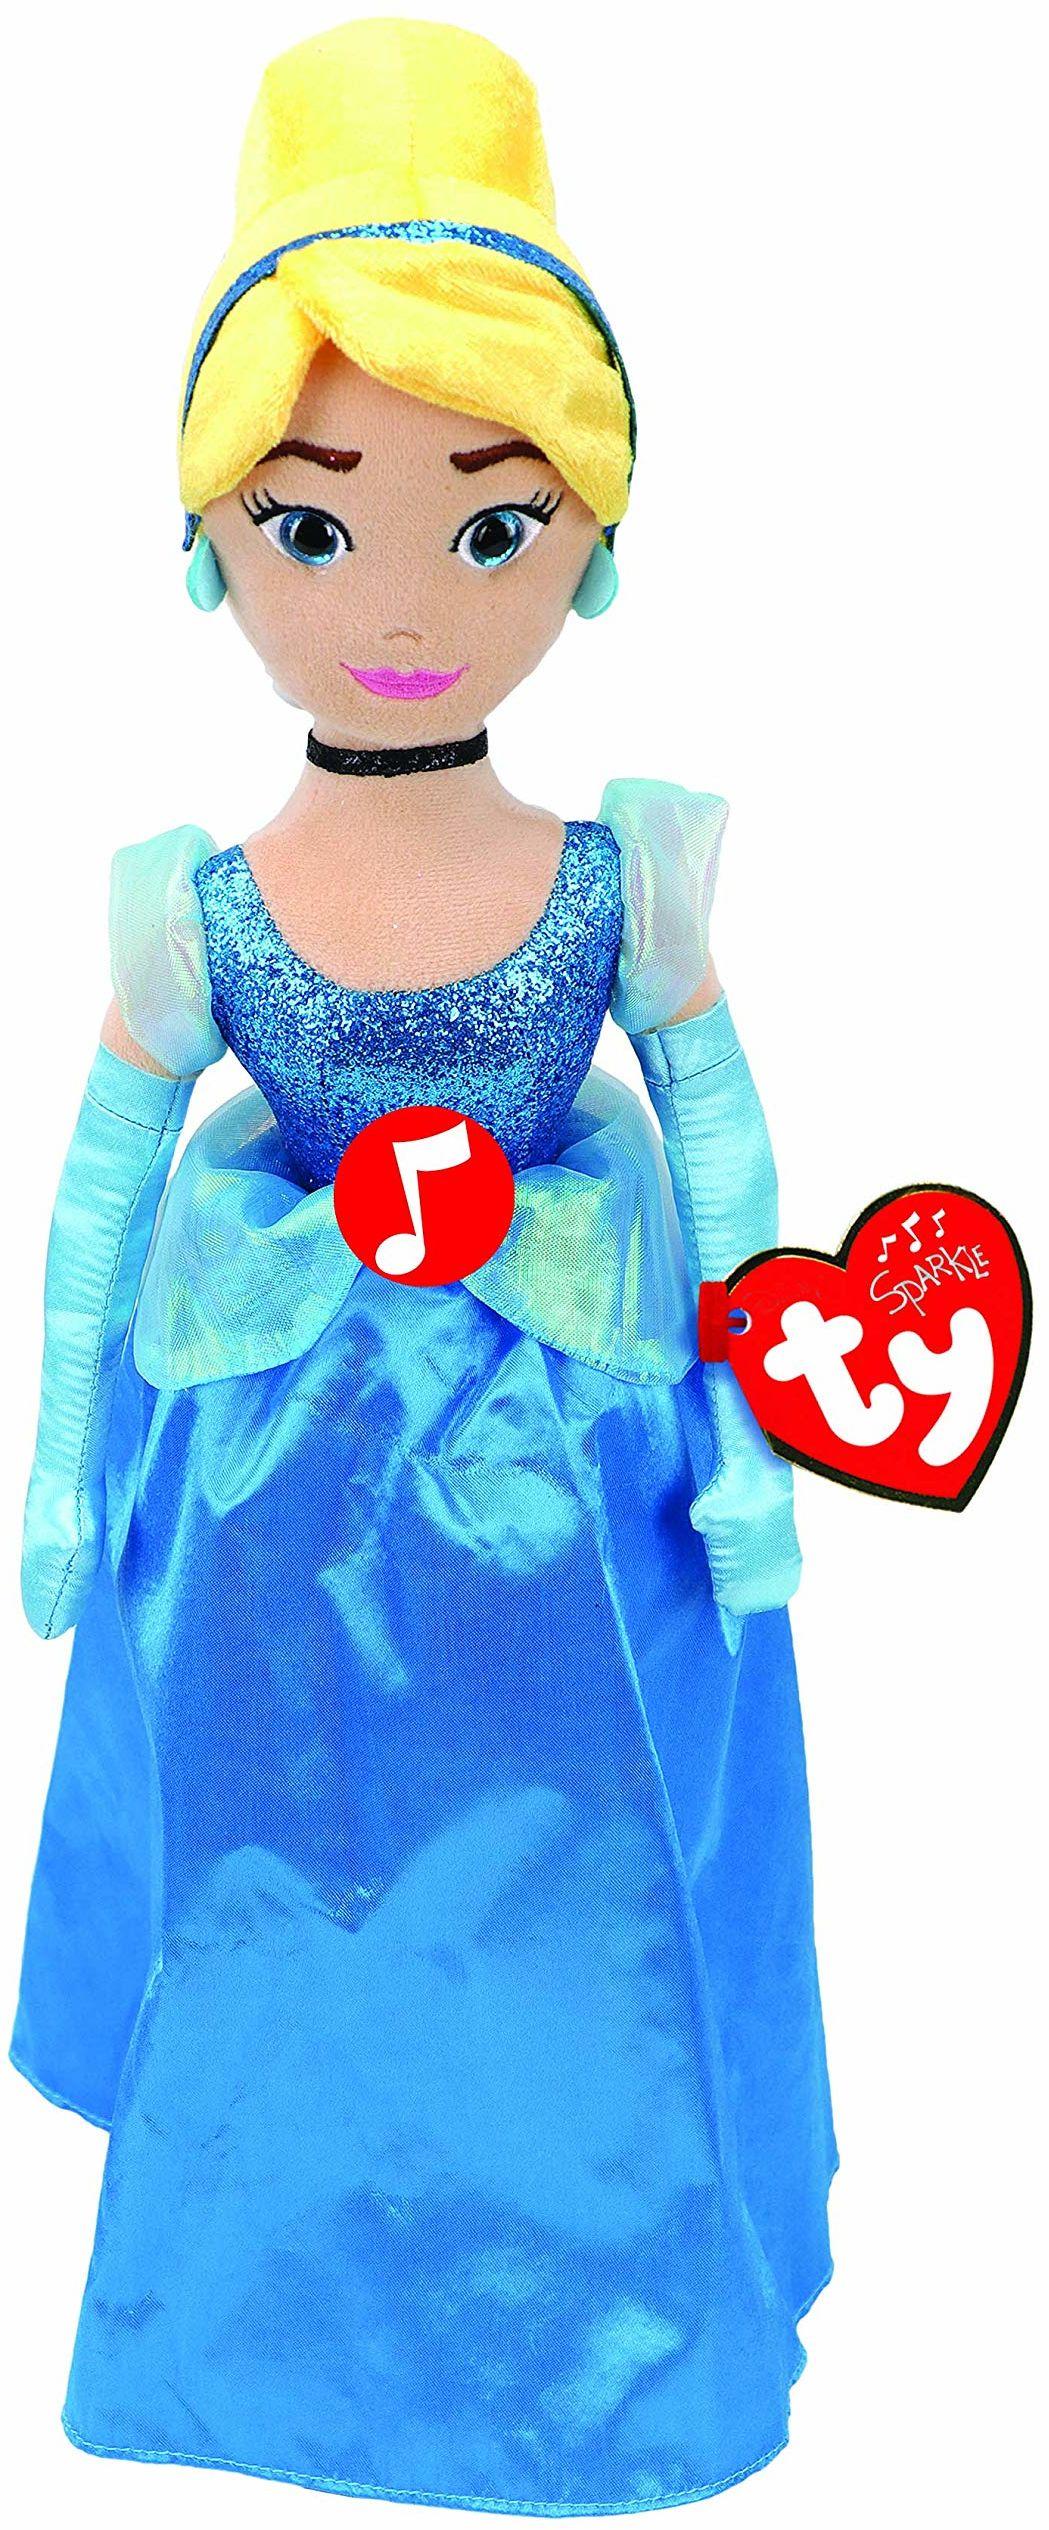 TY T02412 Disney Księżniczka Cinderella pluszowe zwierzątko z gliną, niebieskie